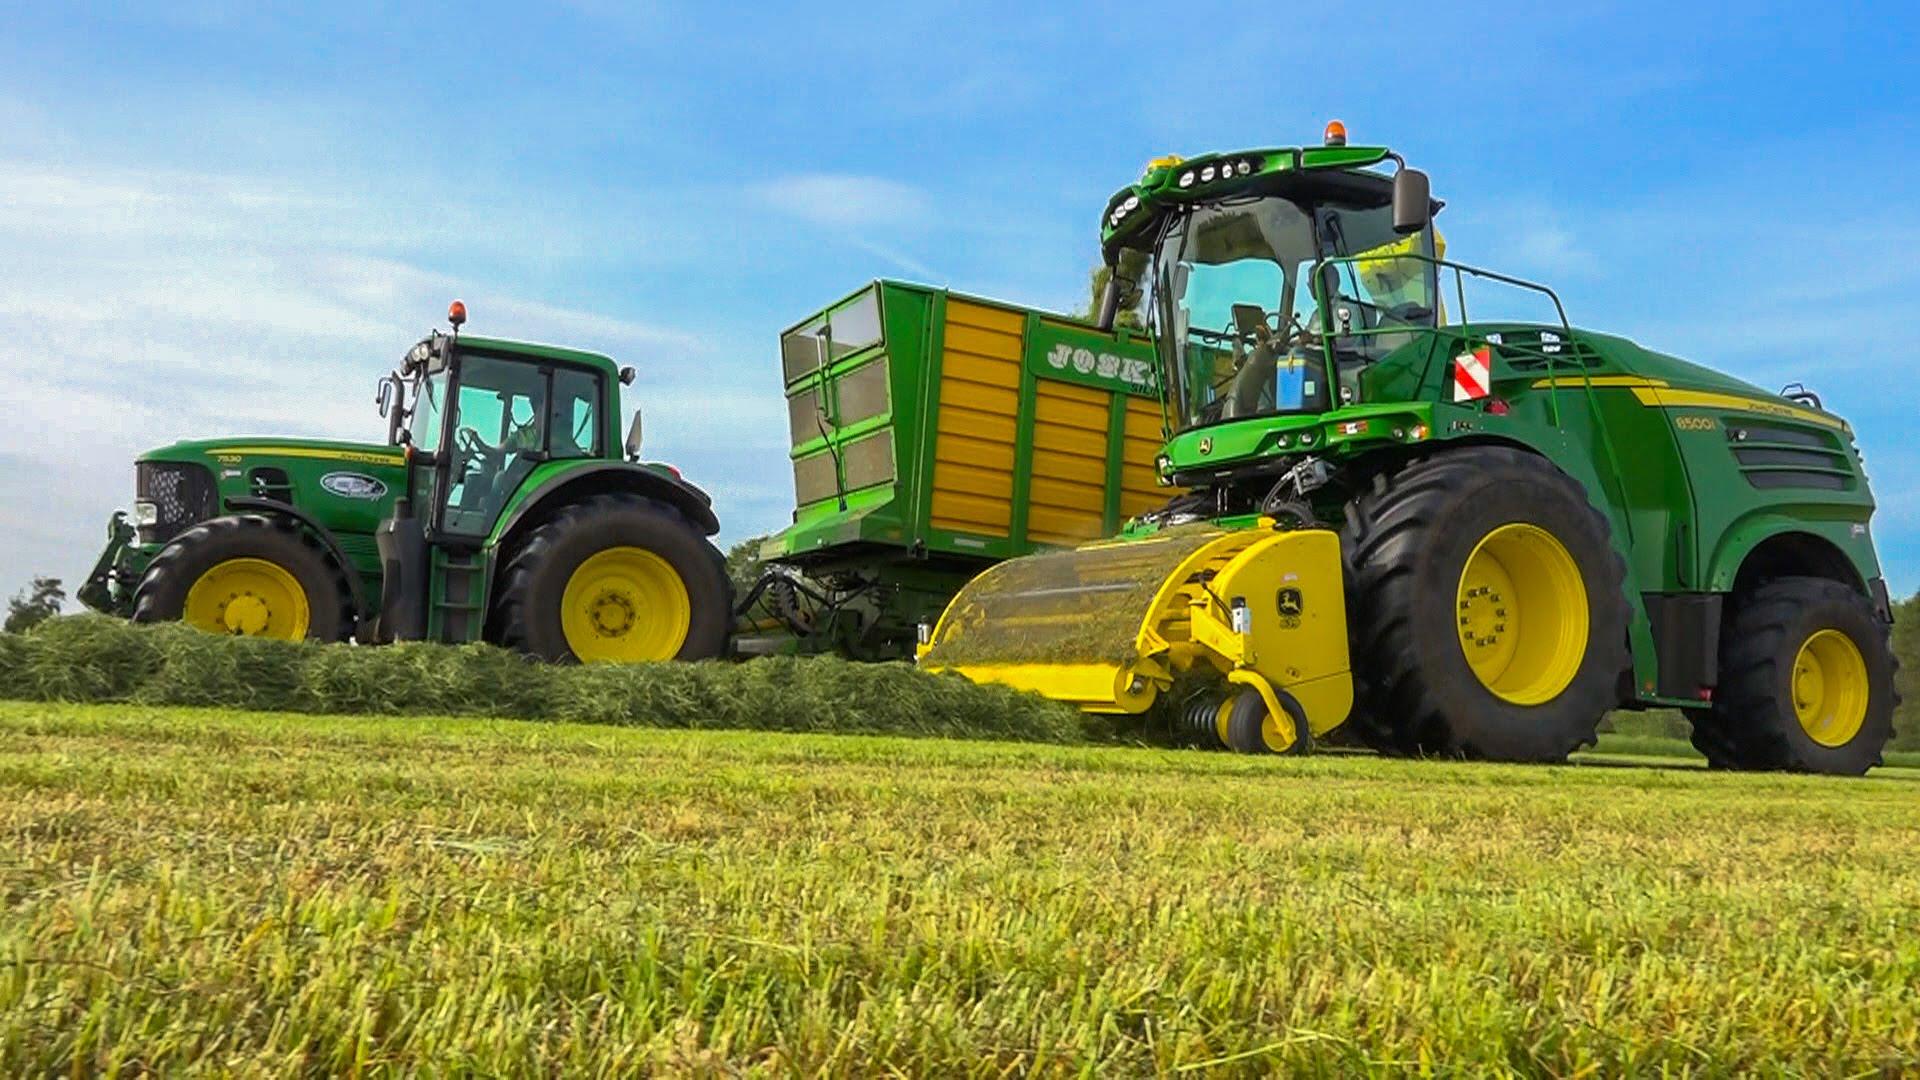 Tracteur Fond D Ecran John Deere Hd 1920x1080 Wallpapertip